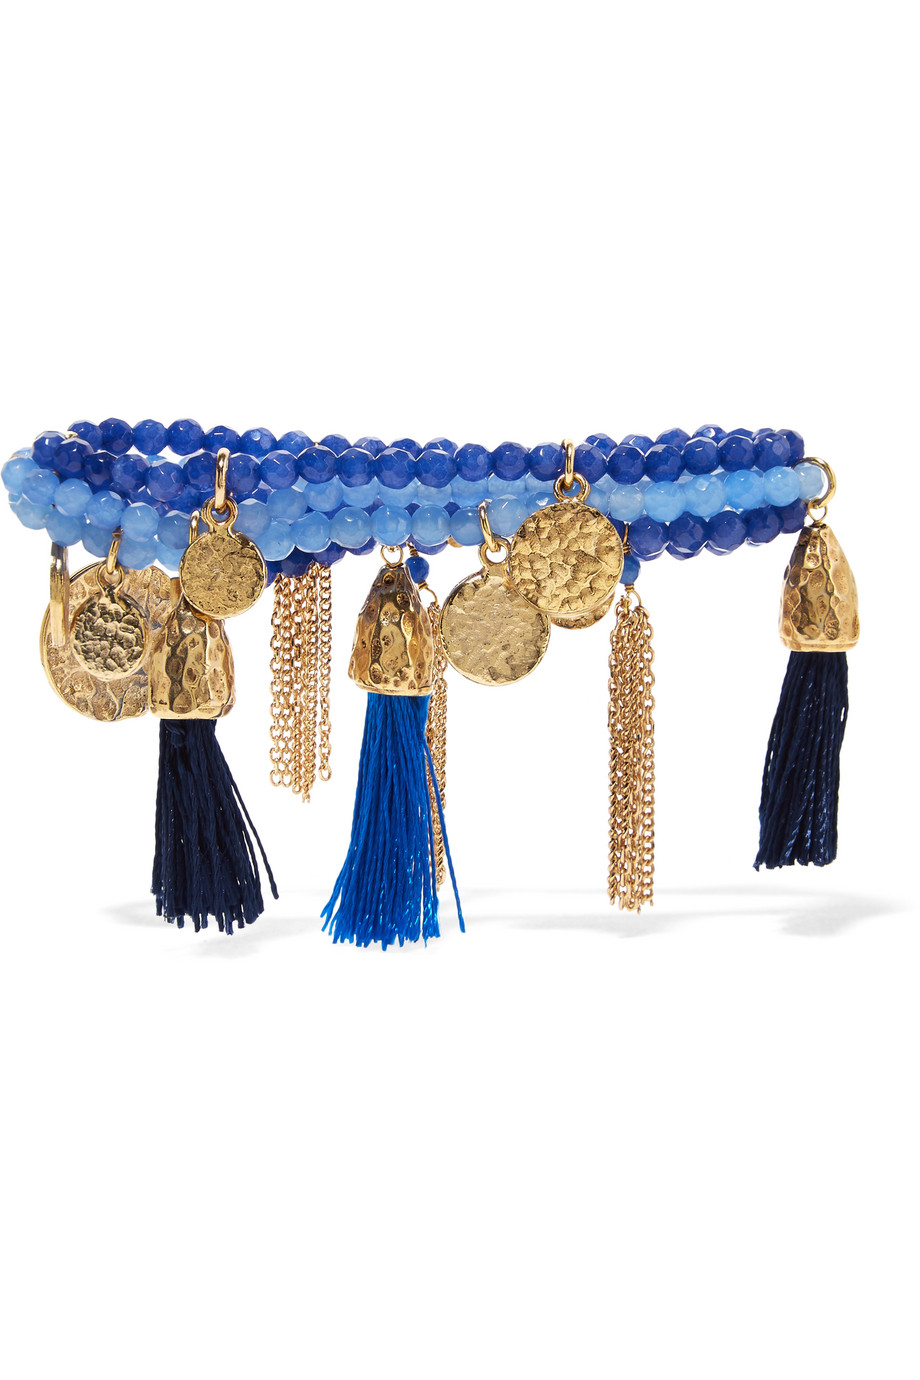 Rosantica Kilimangiaro Tasseled Gold-Tone Quartz Bracelet, Blue, Women's